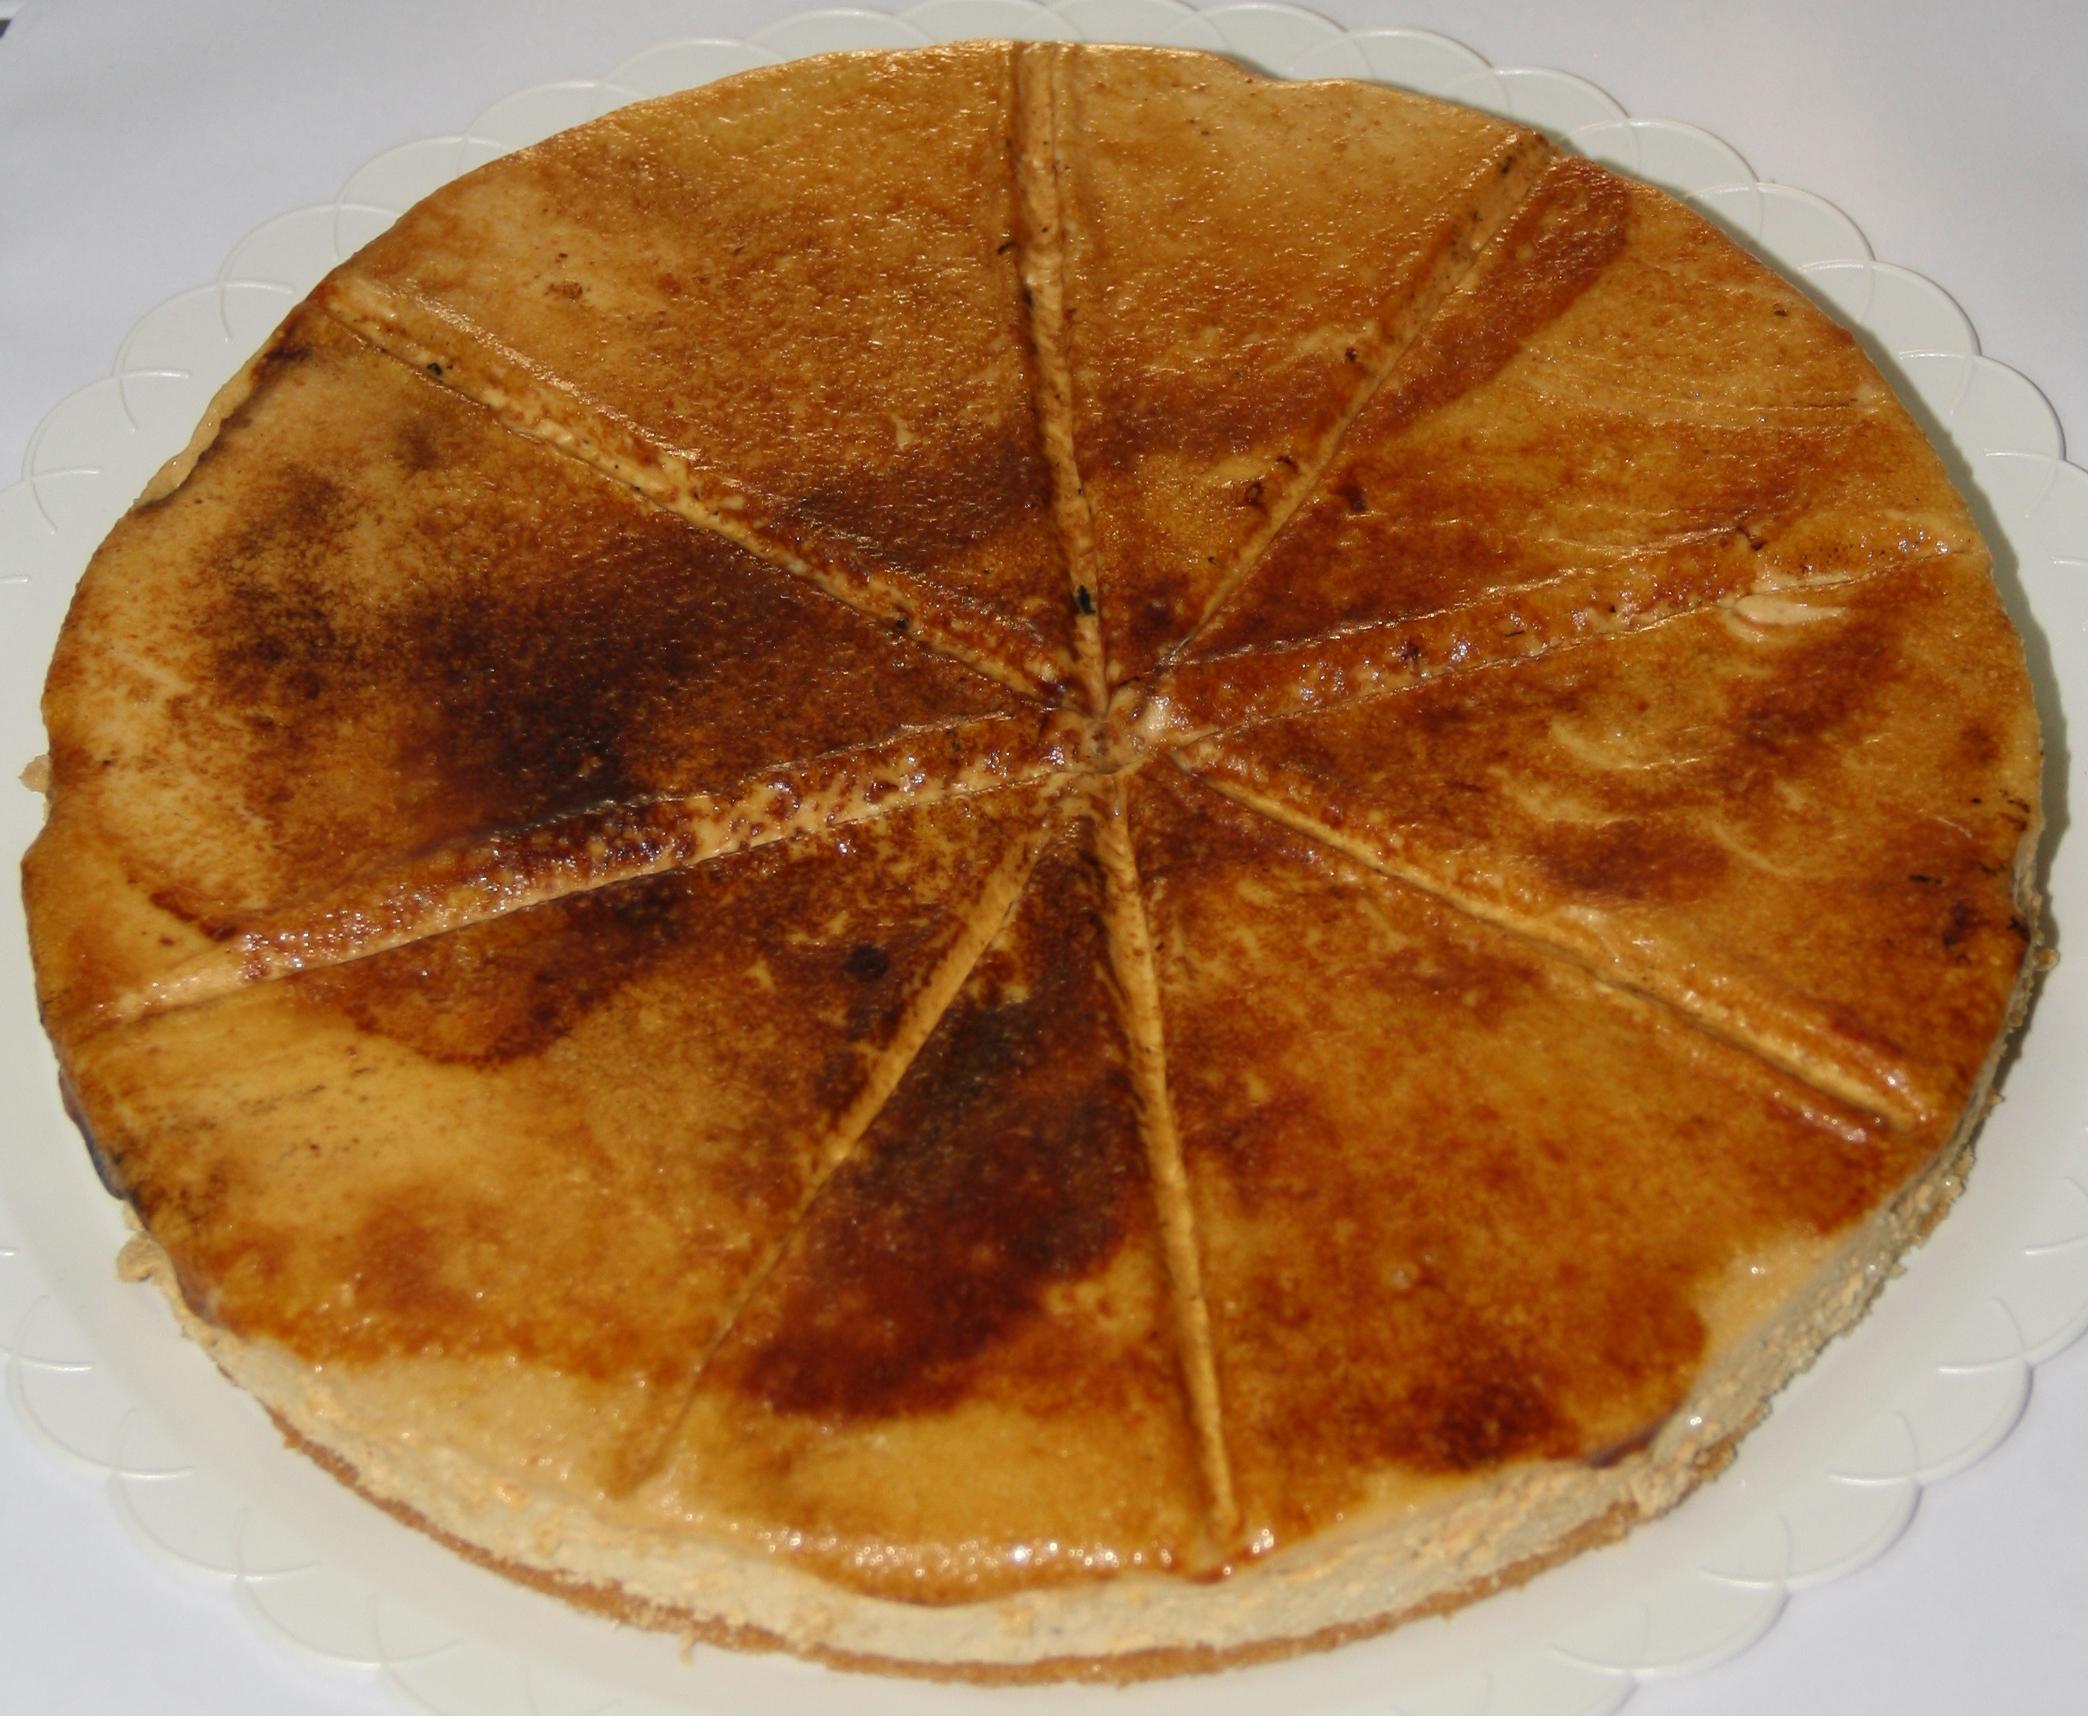 Tarta gijonesa - Wikipedia, la enciclopedia libre